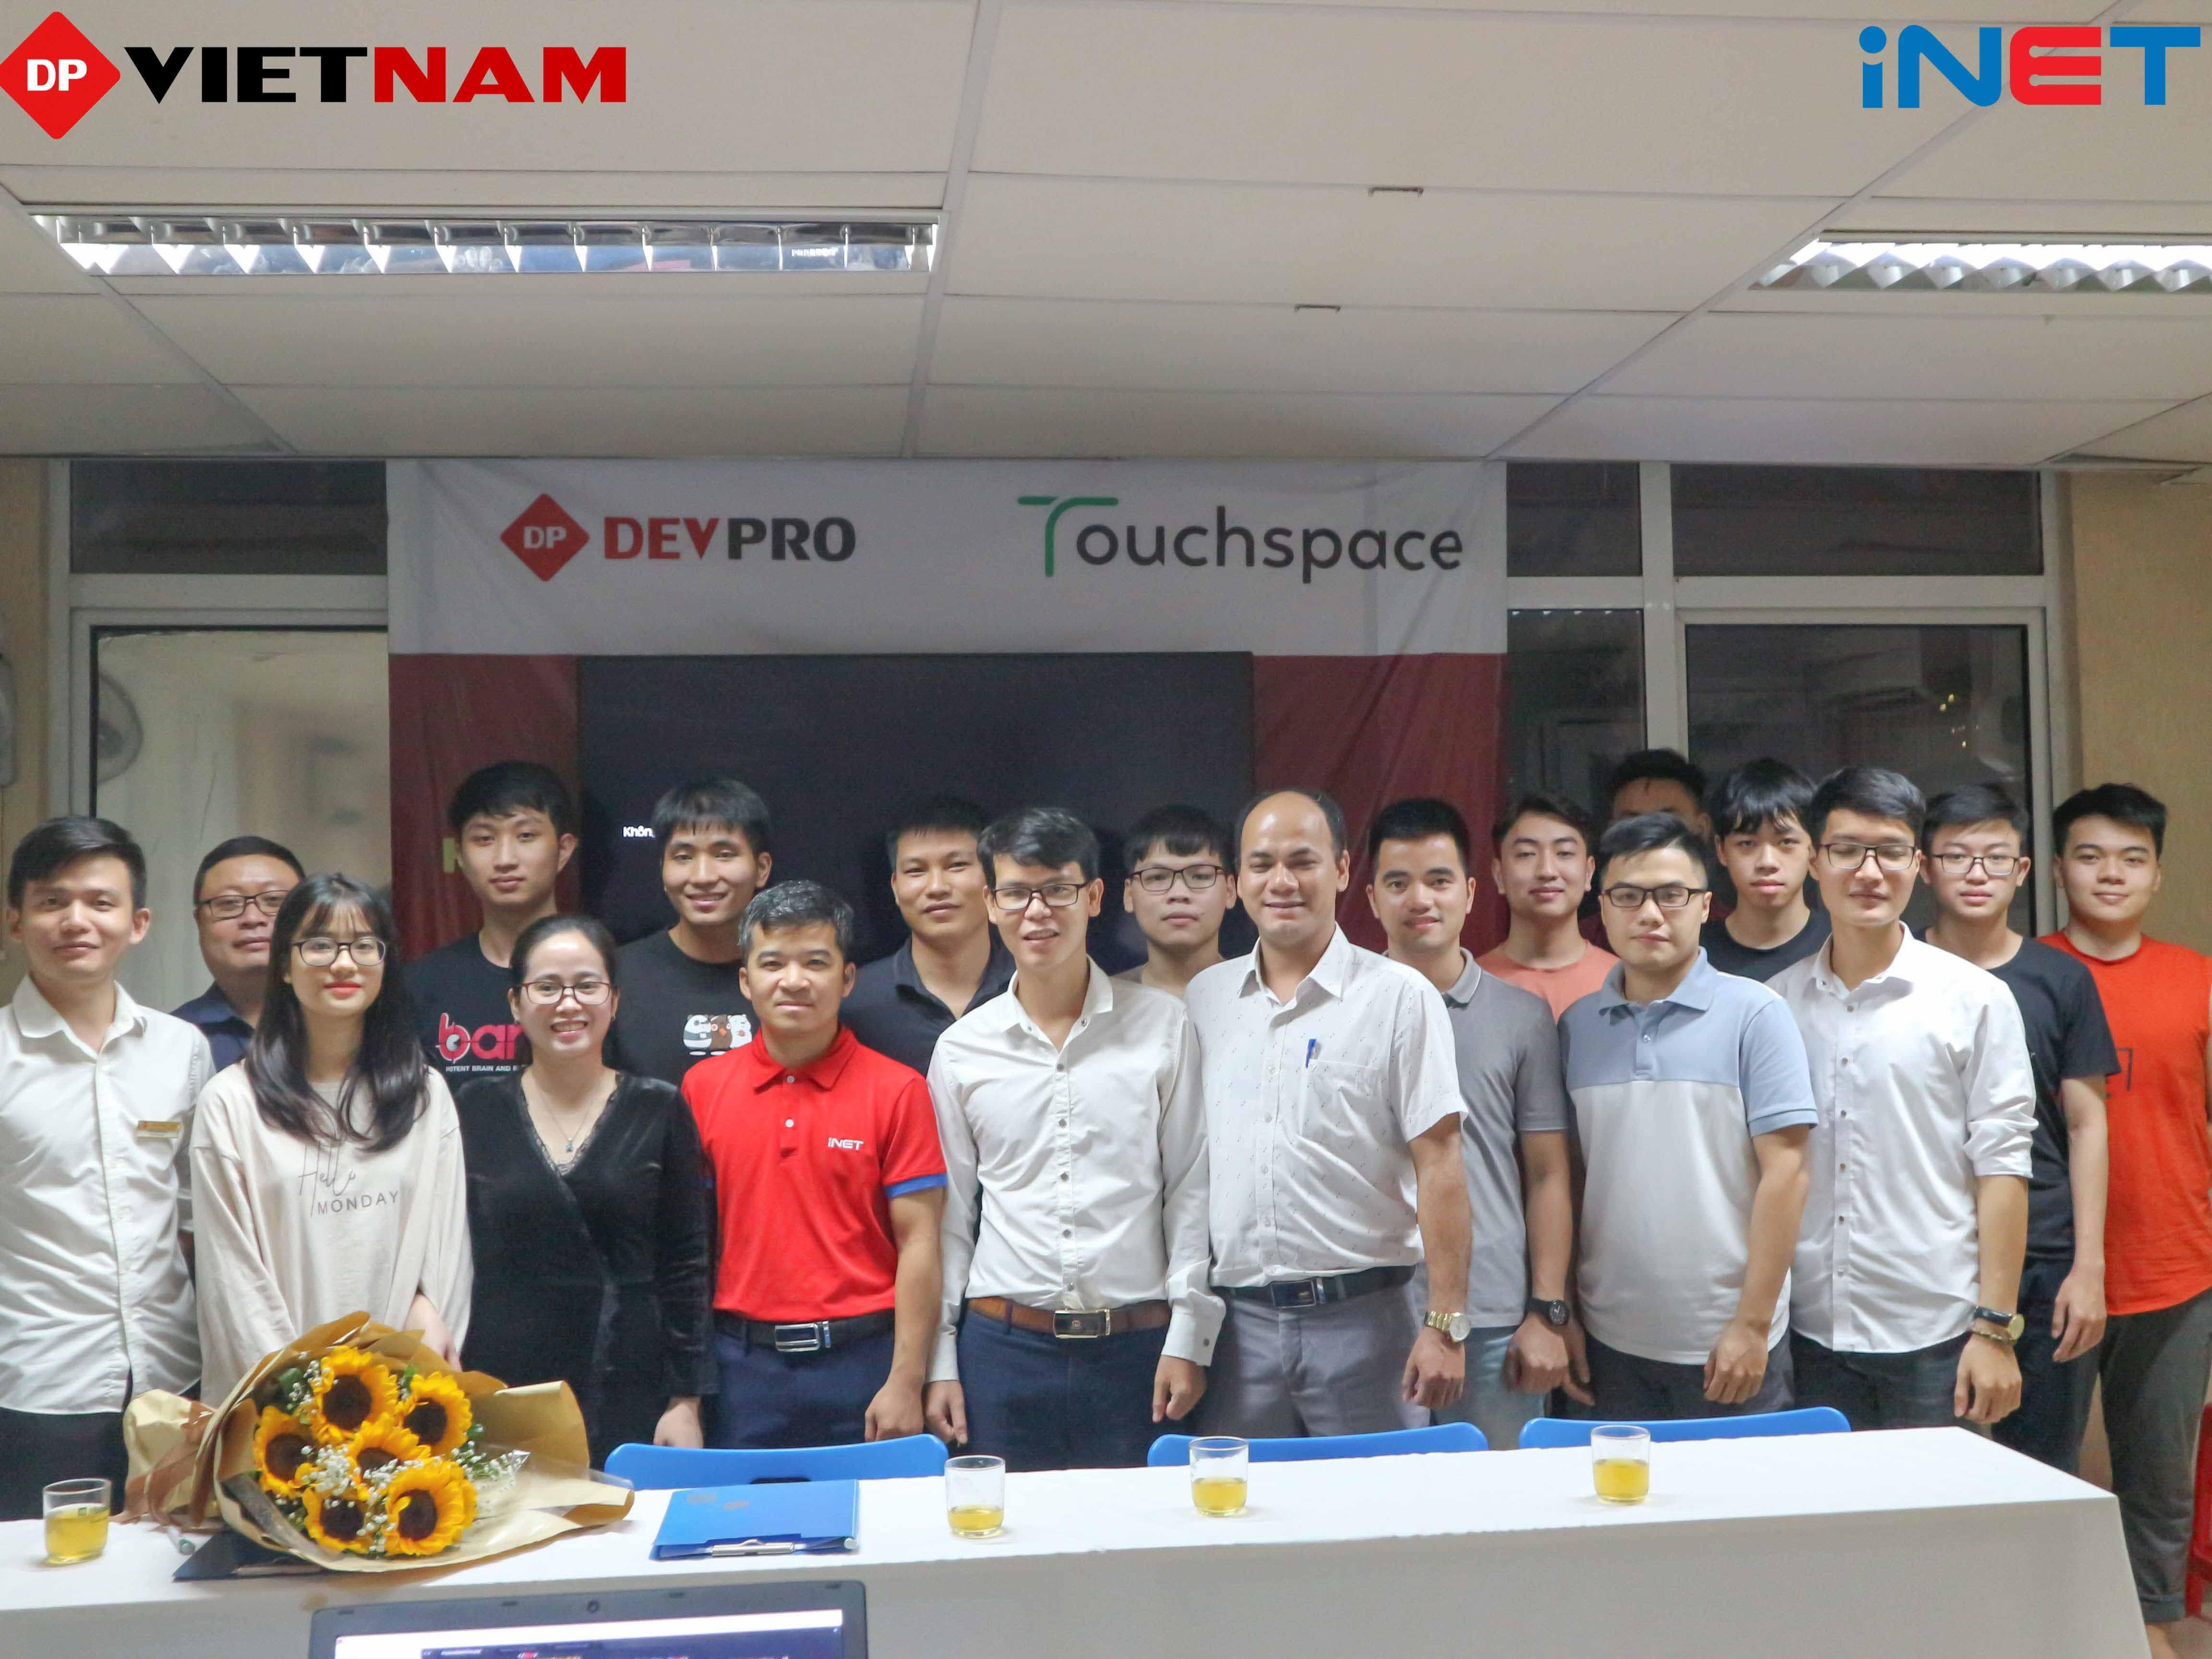 Devpro hợp tác với iNET cung cấp gói hosting miễn phí tới học viên